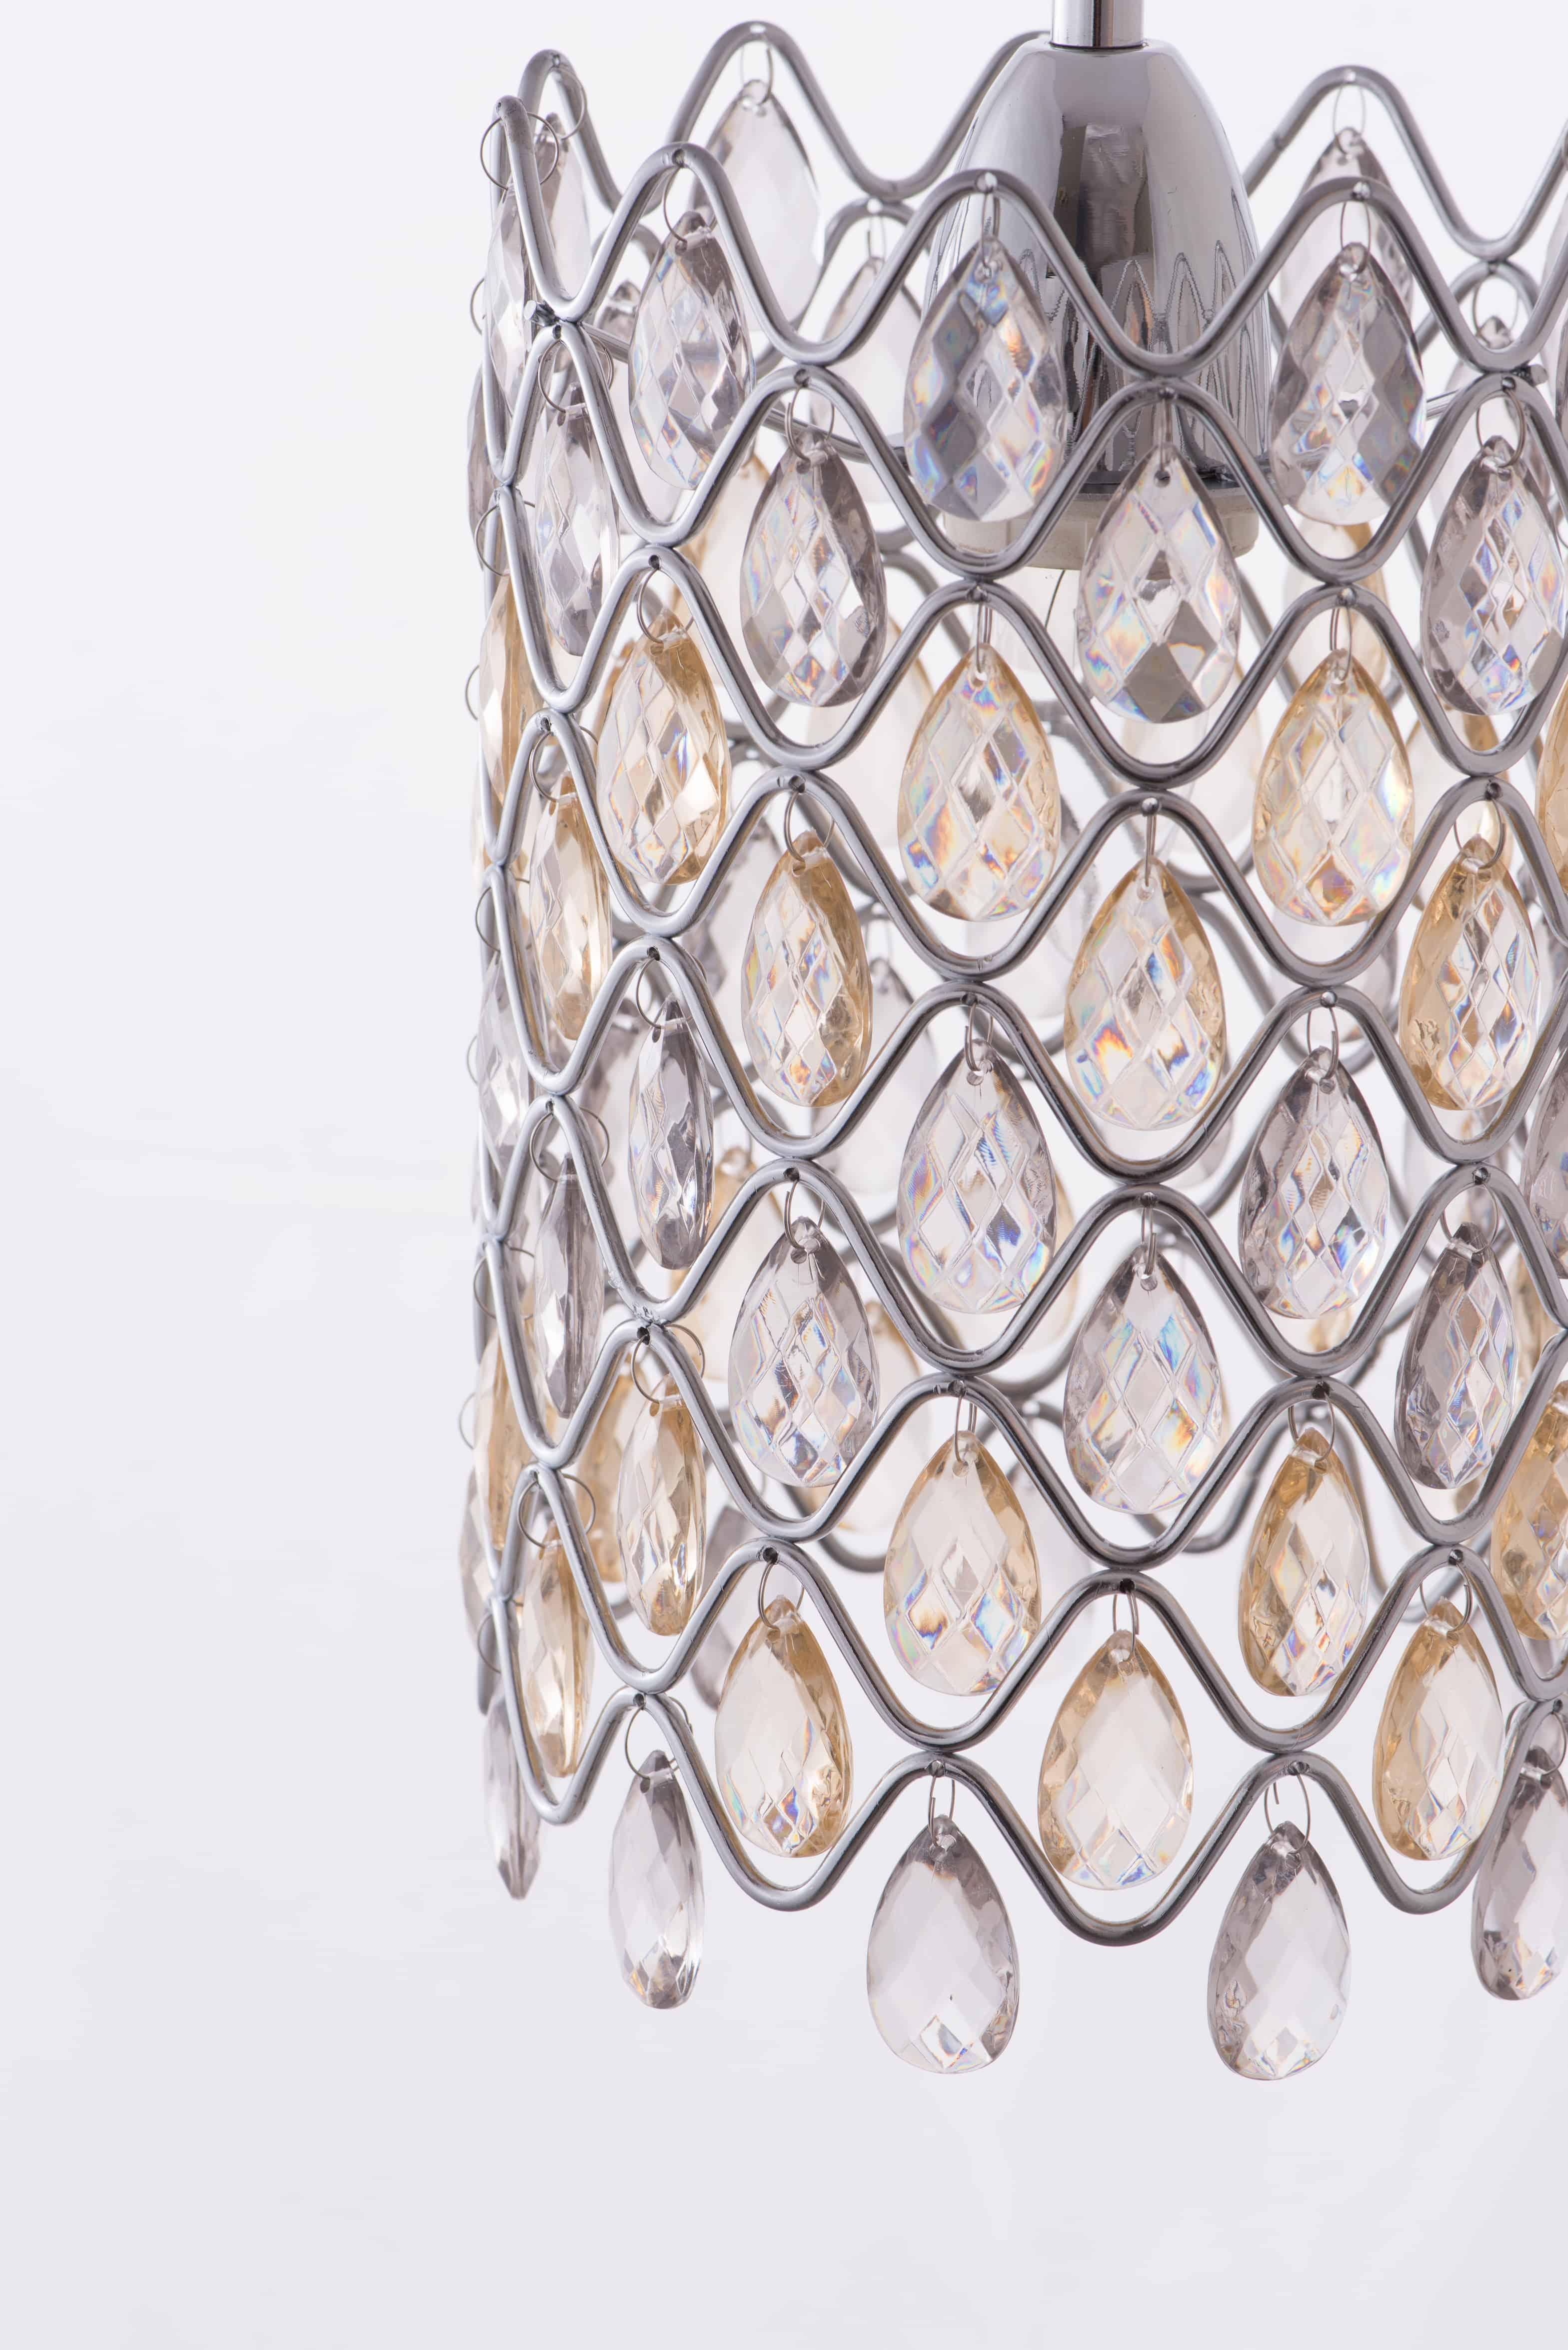 鍍鉻波浪紋壓克力珠吊燈-BNL00051 4